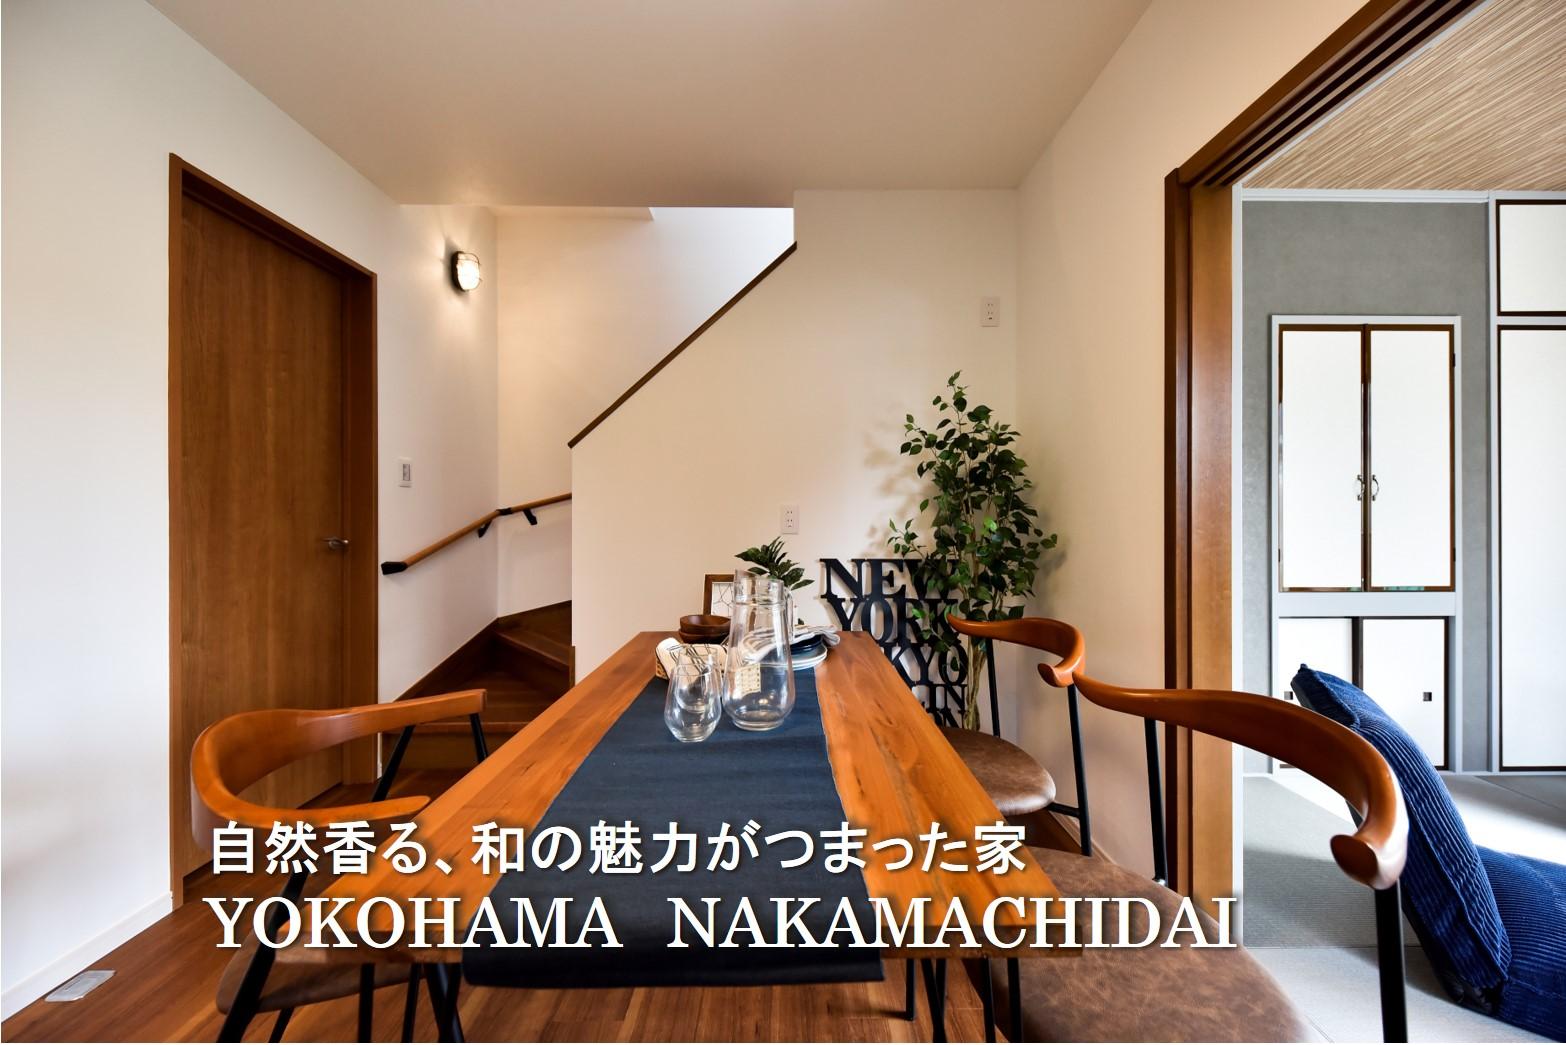 自然香る、和の魅力がつまった家 仲町台 YOKOHAMA NAKAMACHIDAI